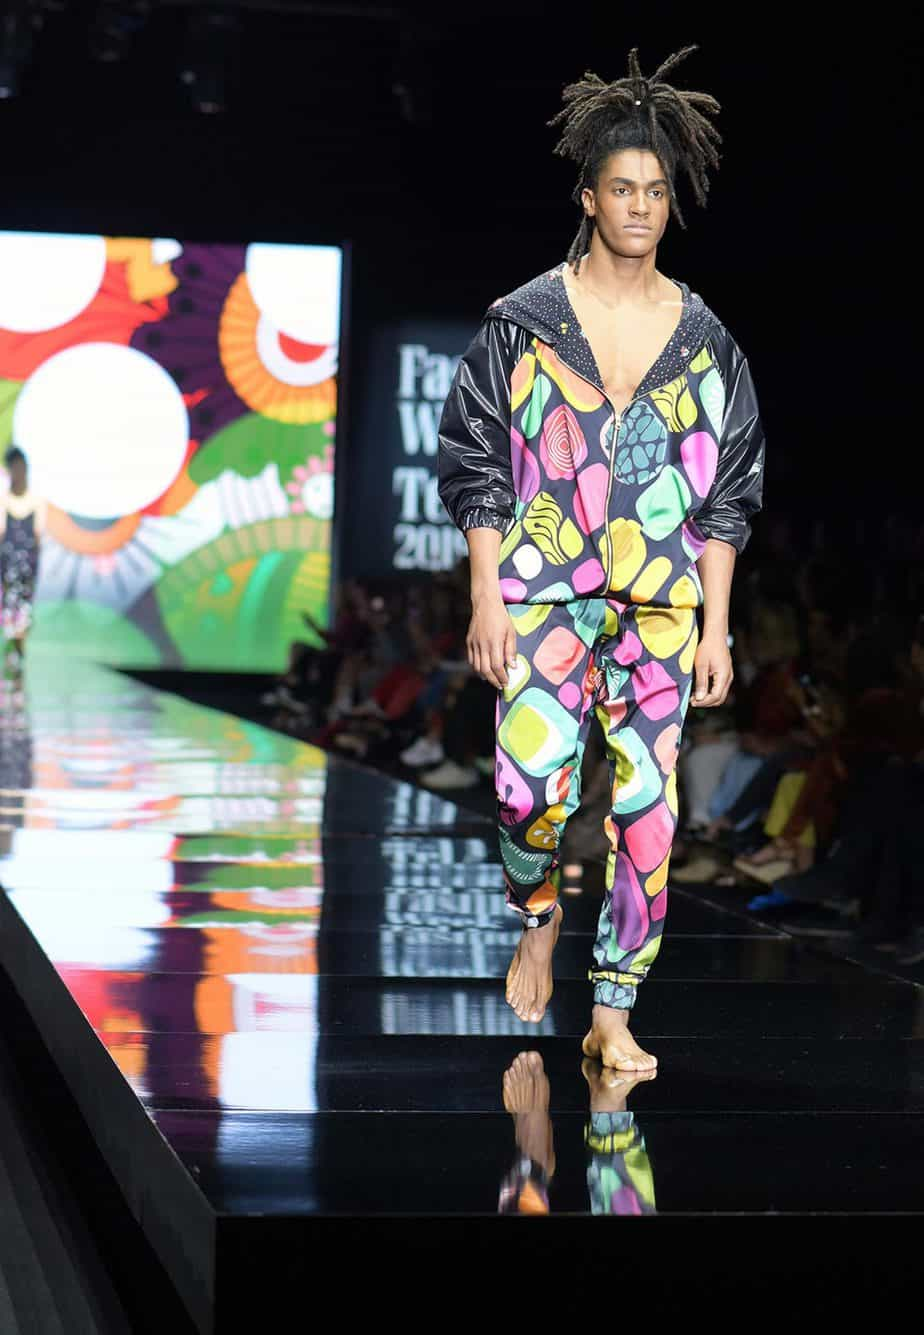 לארה רוסנובסקי, שבוע האופנה תל אביב 2019, צילום סרג'ו סטרודובצב - 5